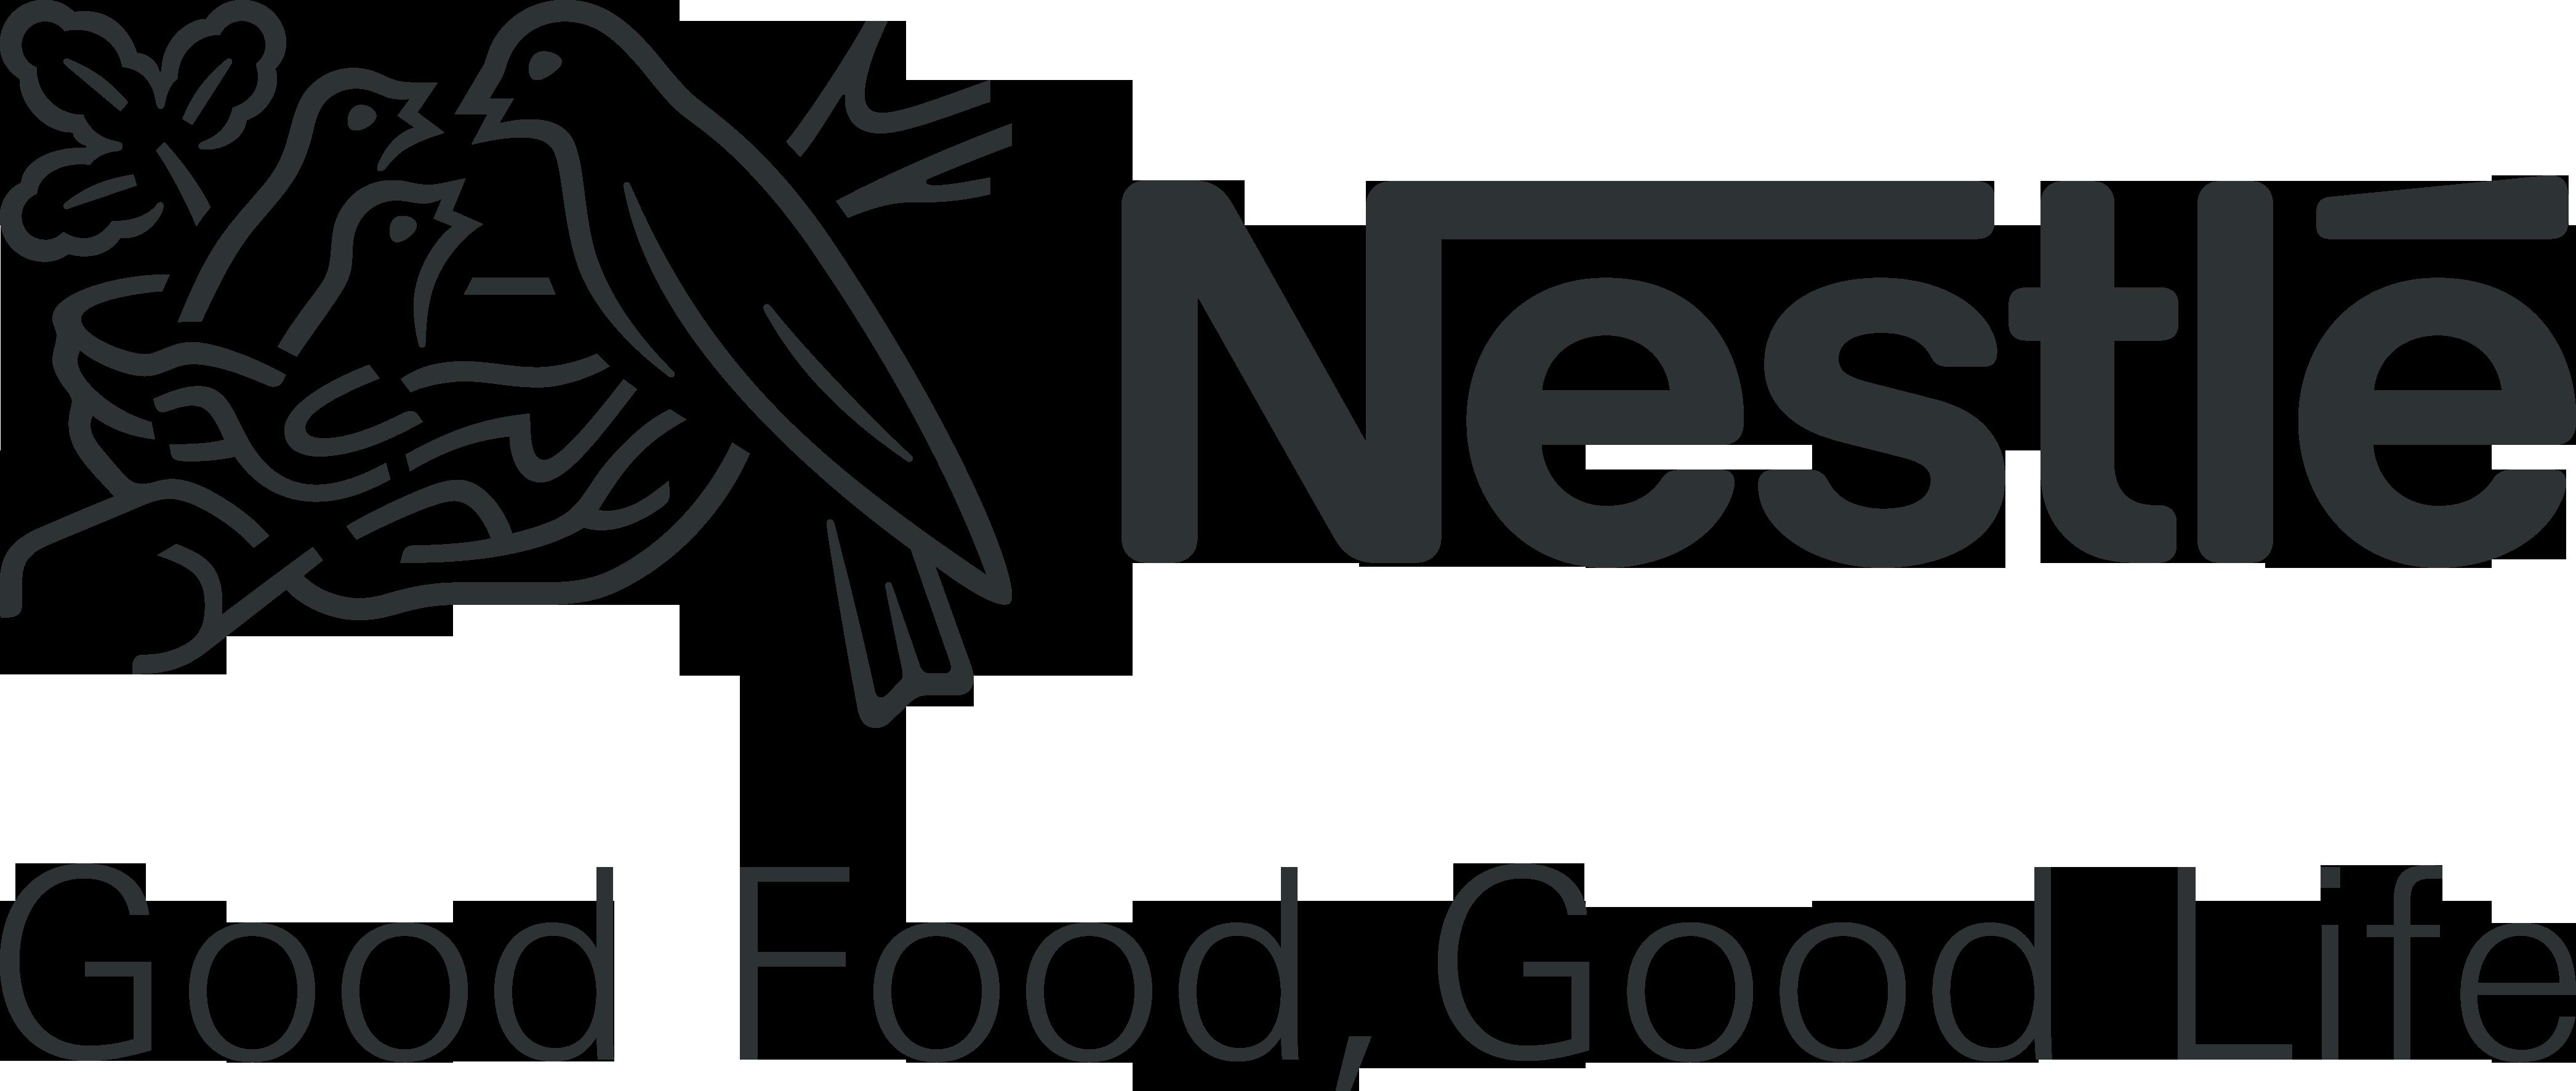 Nestle FI